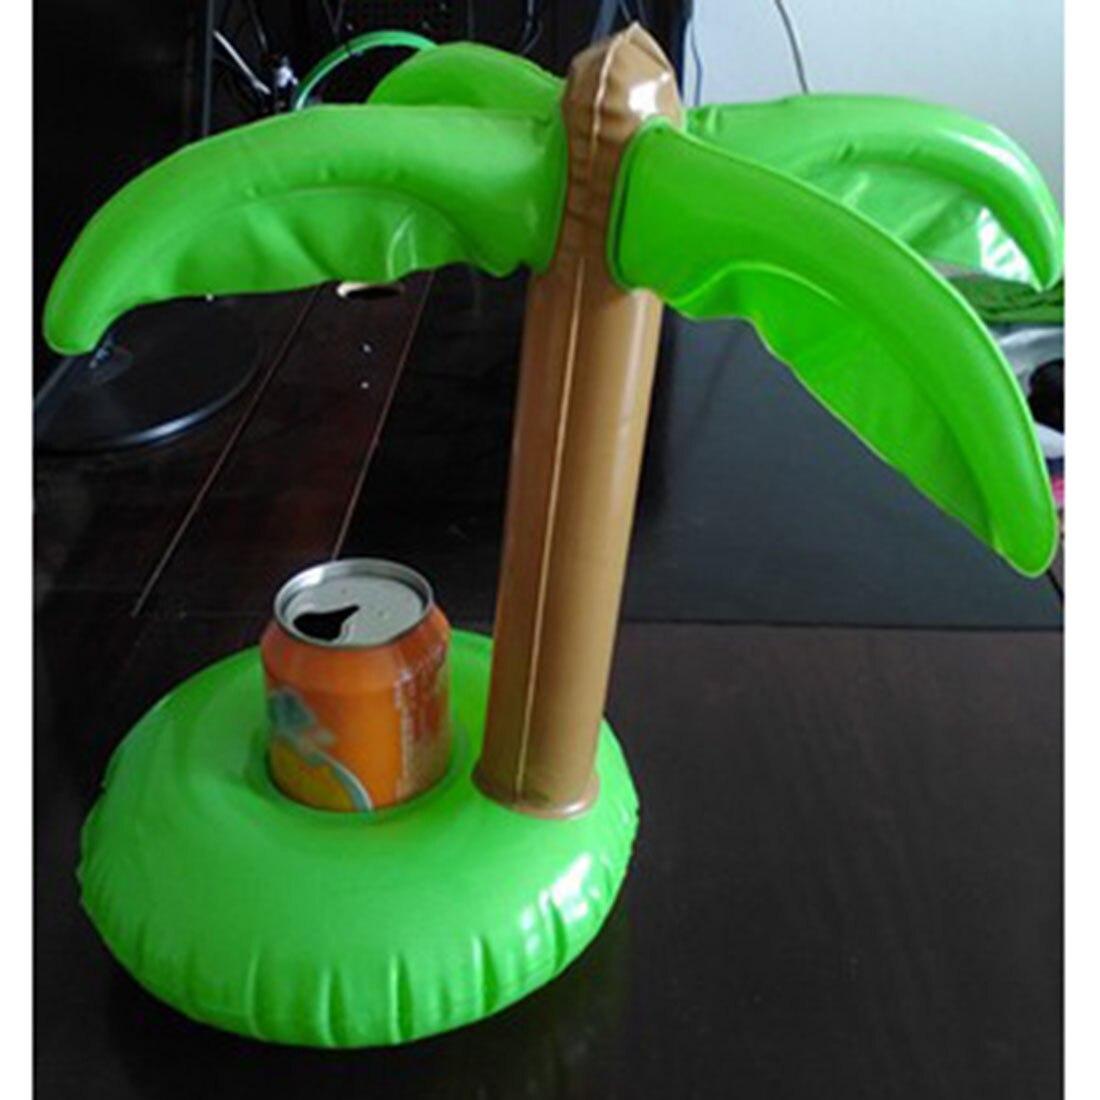 Модная зеленая Луау palm Ёлки надувные напиток может держатель бутылки Одежда заплыва Для ванной для пляжной вечеринки бассейн детский Игруш...